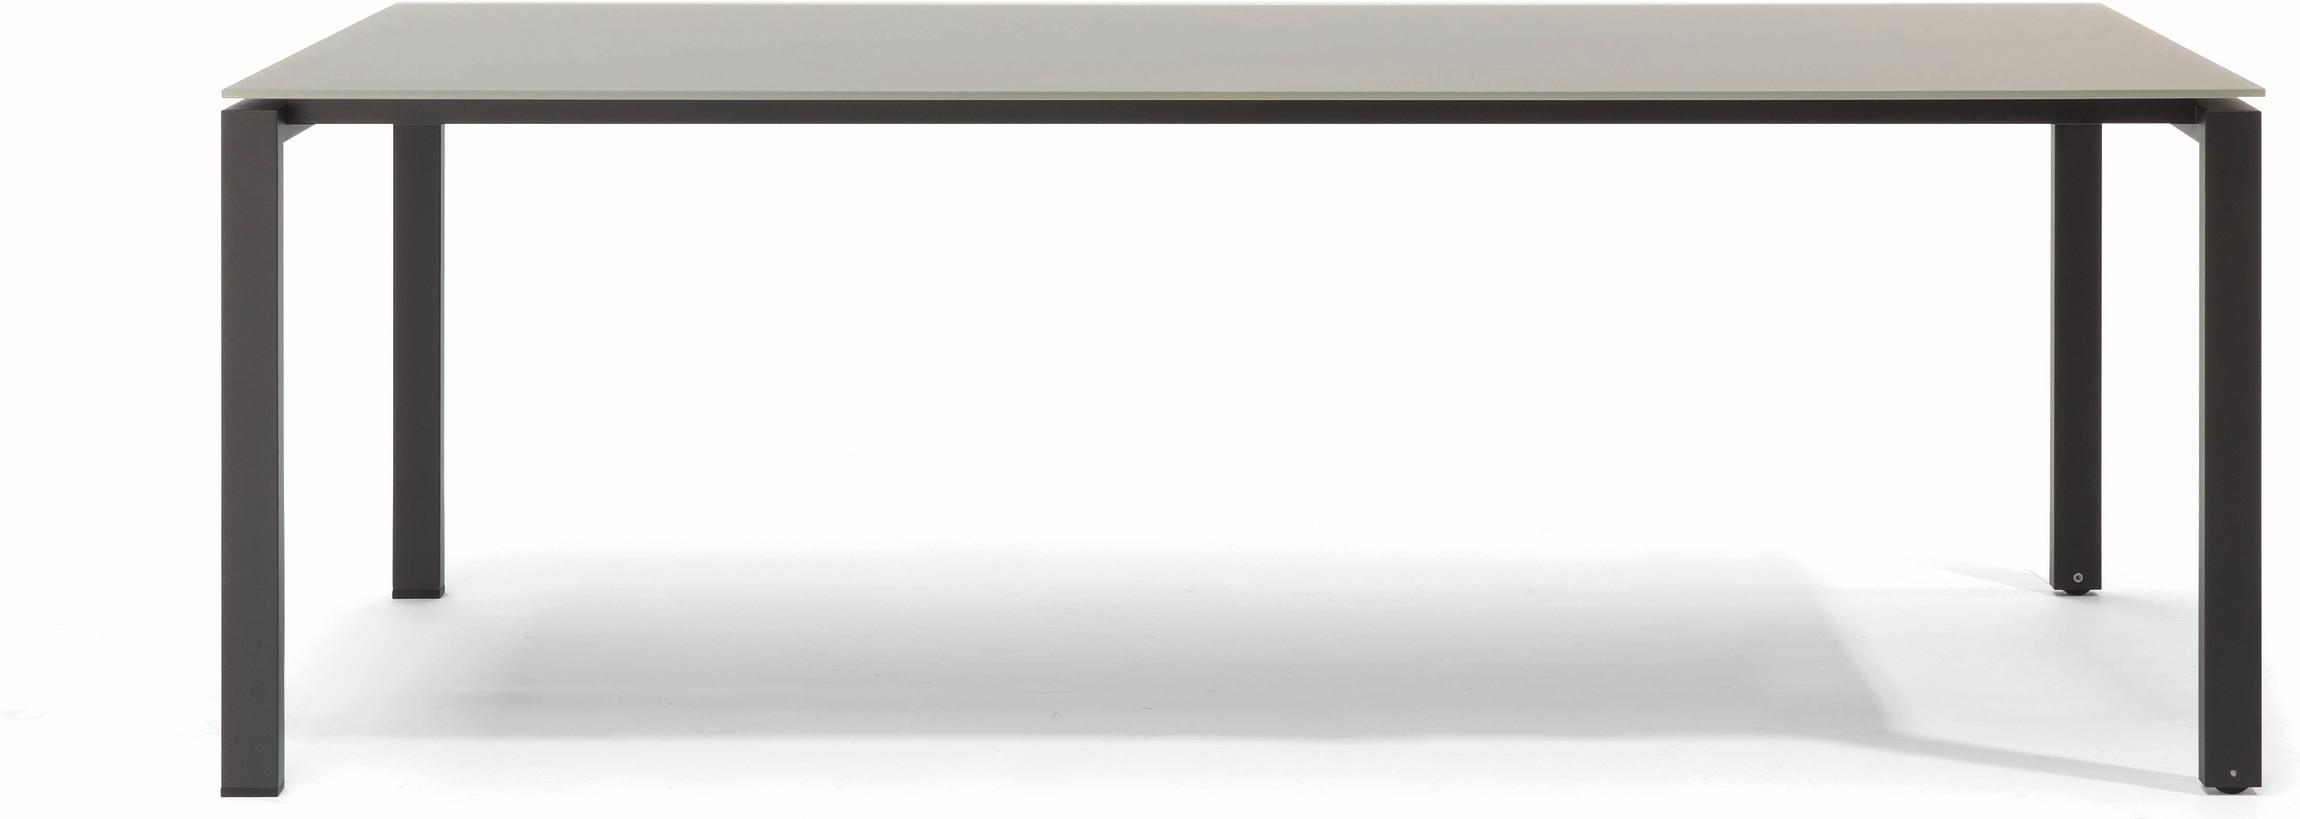 Trento Esstisch - Keramik quarz 6mm EQ 270